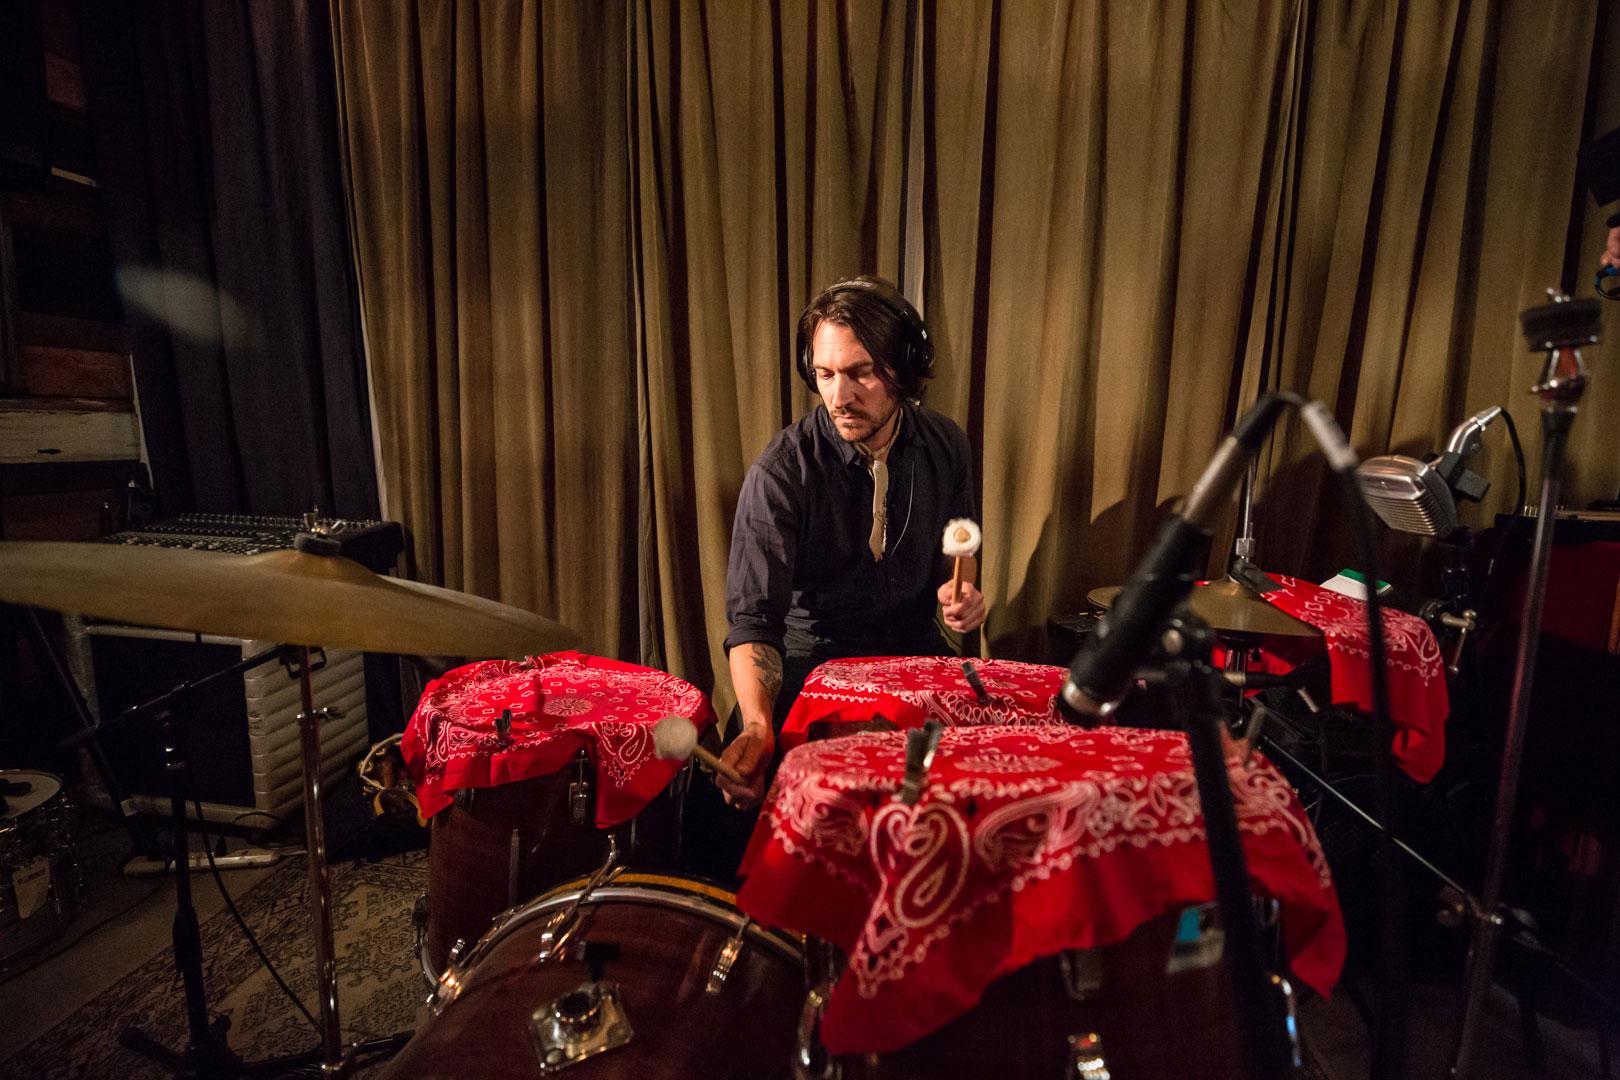 Resistor-Josh-at-Drums-web.jpg